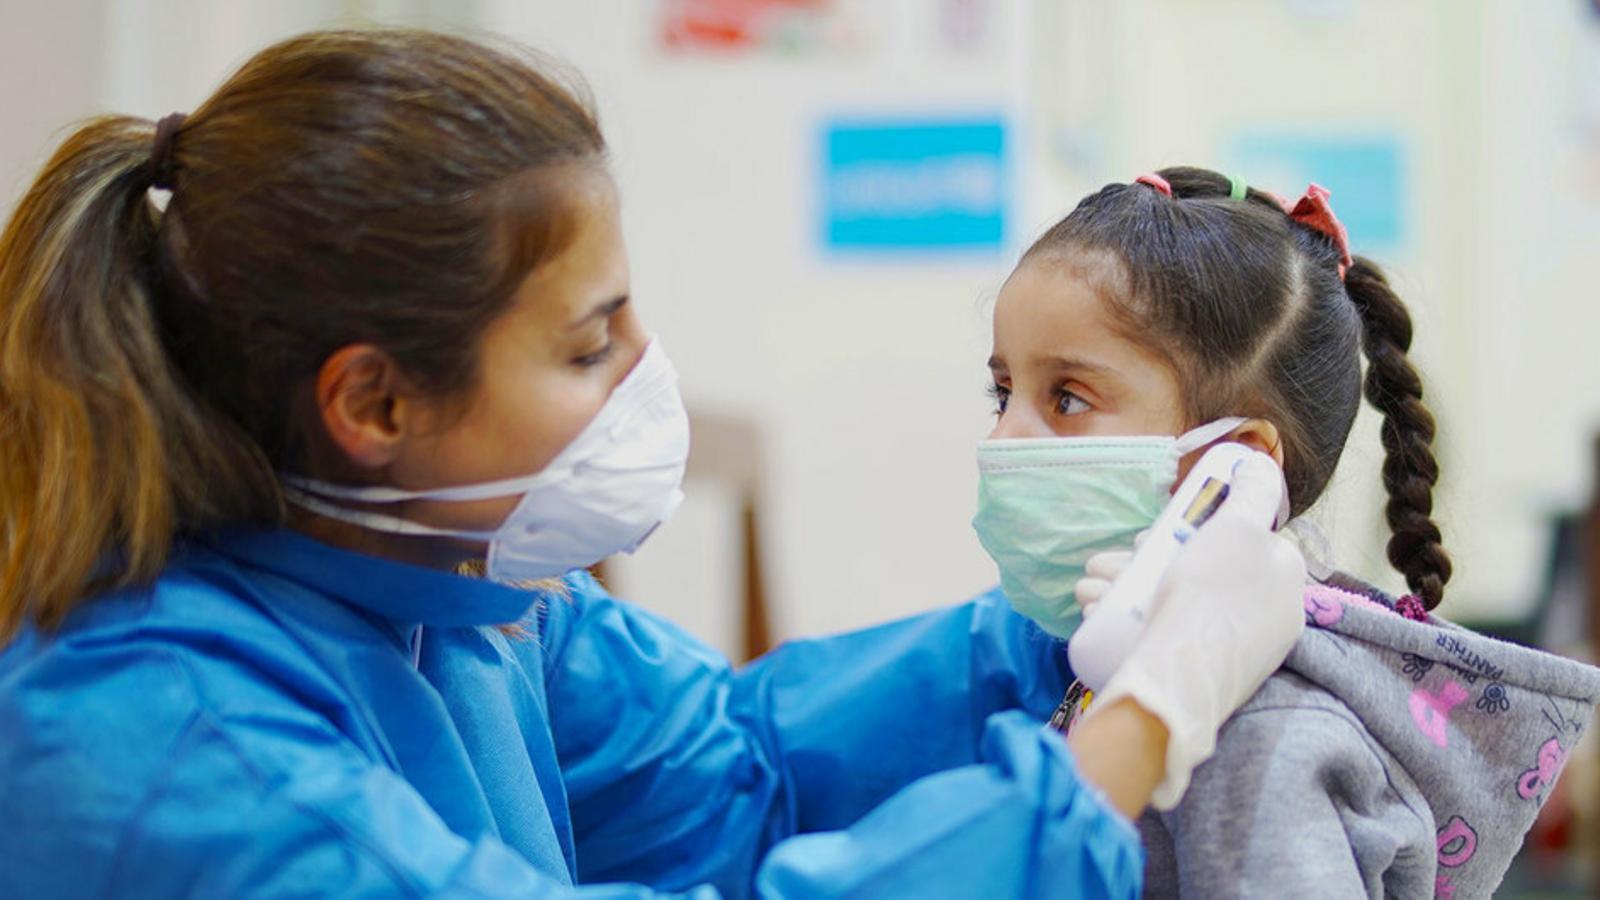 Nacions Unides ha advertit de l'impacte de la crisi sanitària en els menors